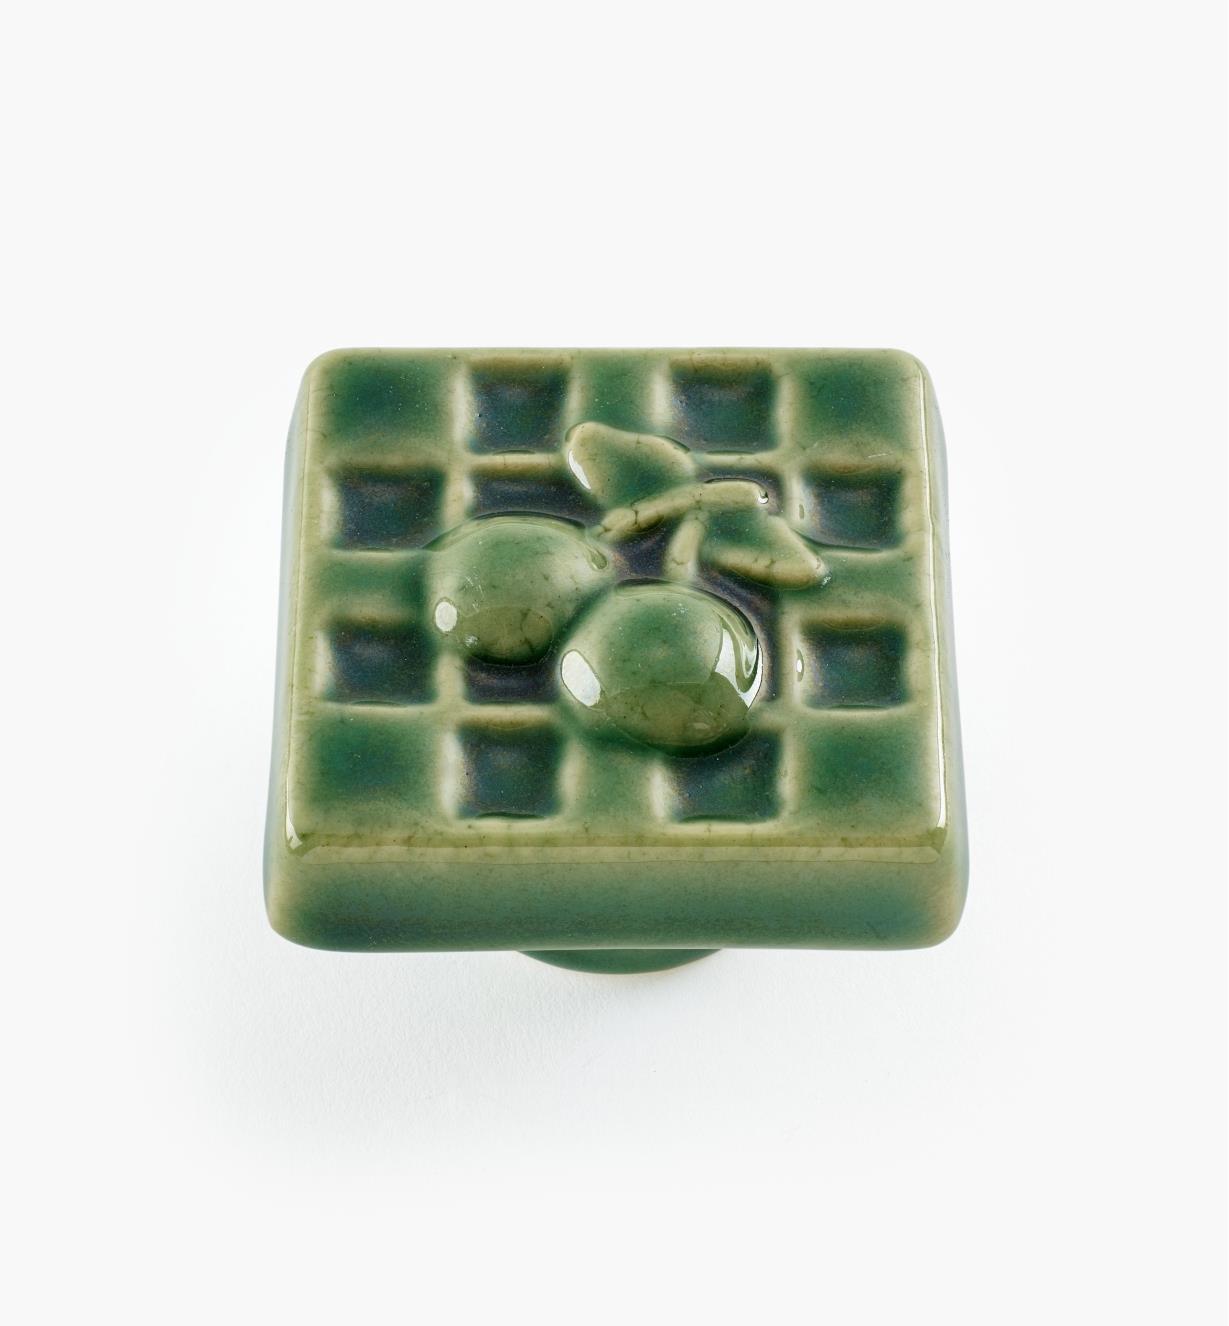 02W1611 - Bouton carré en céramique, vert, 1 9/16 po x 1 po